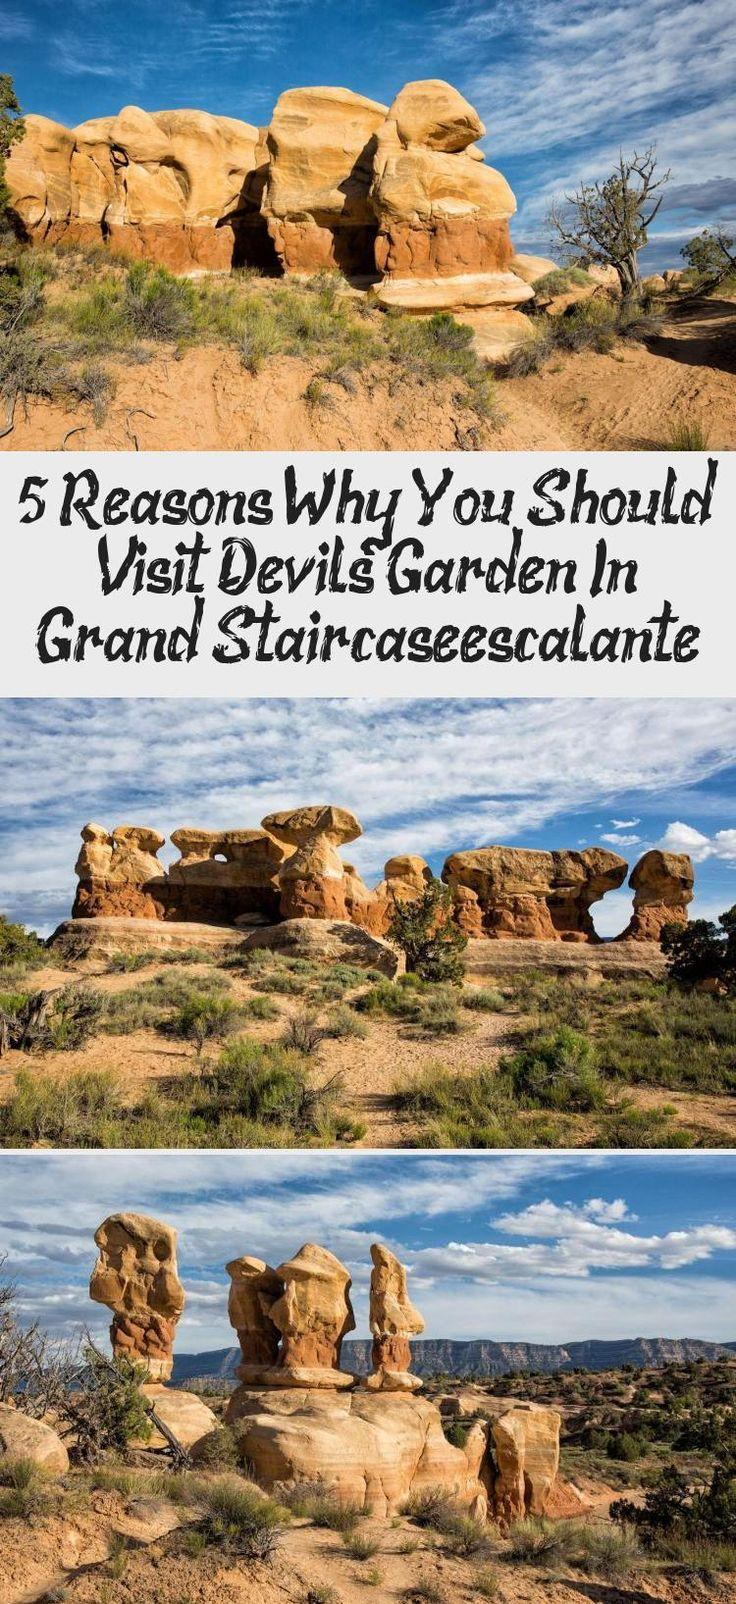 Devils Garden Grand Staircase Escalante National Monument 400 x 300